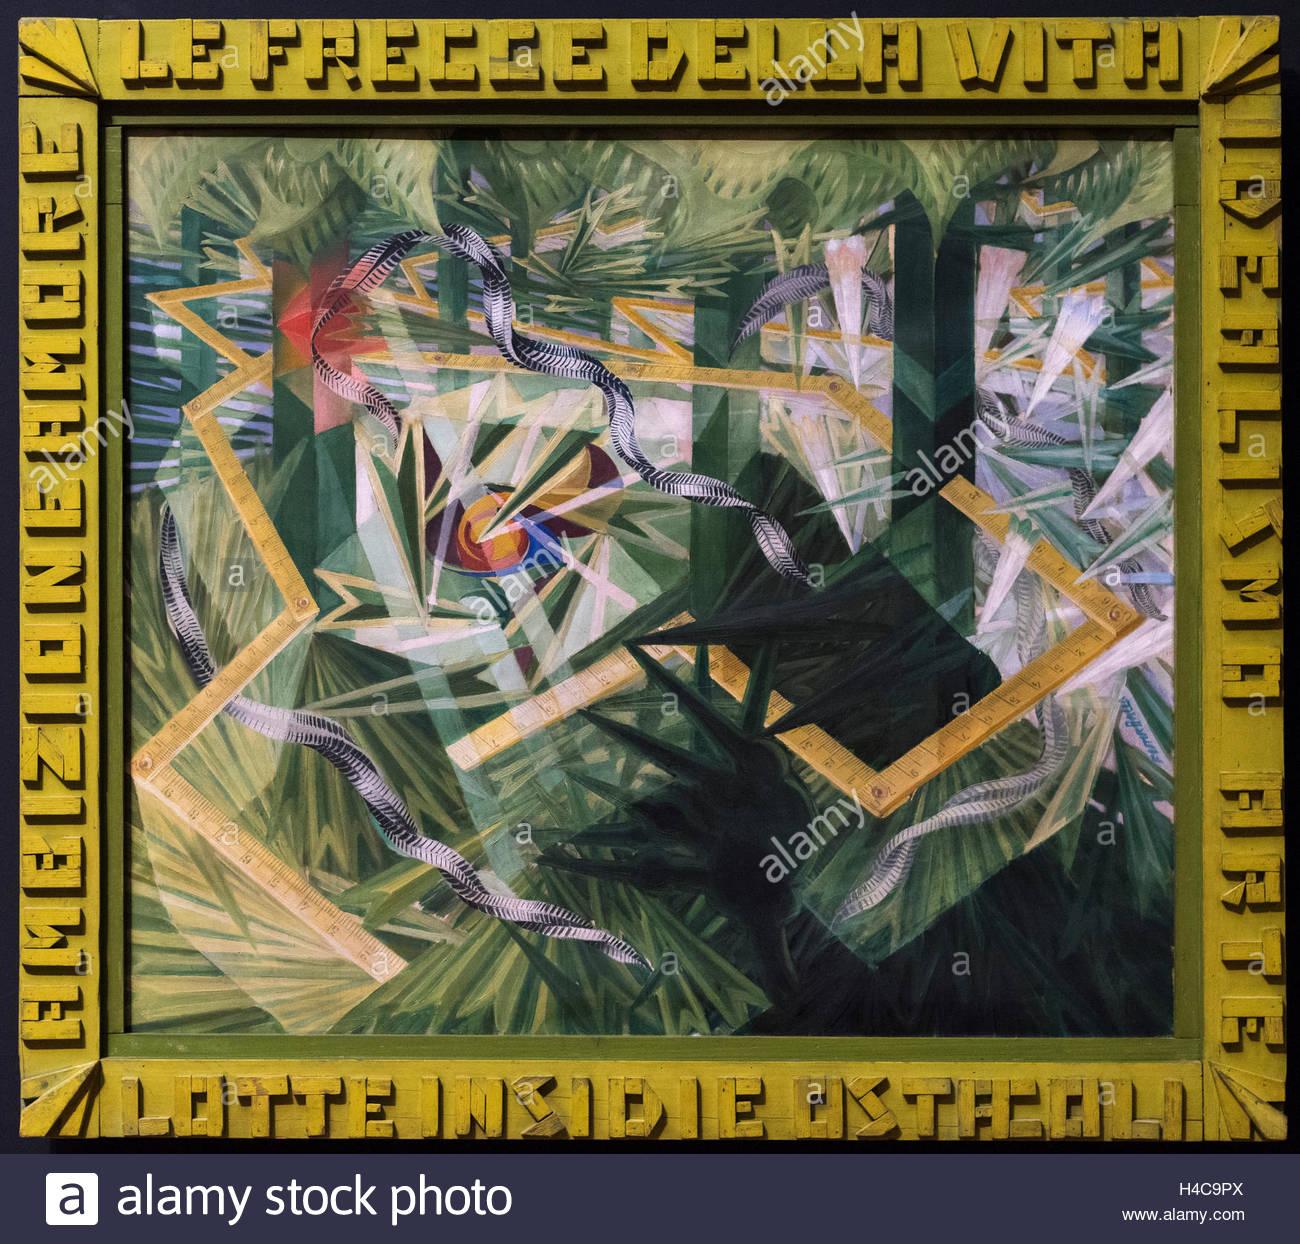 Giacomo Balla (1871-1958), Le frecce della vita, 1928. The arrows of life. - Stock Image